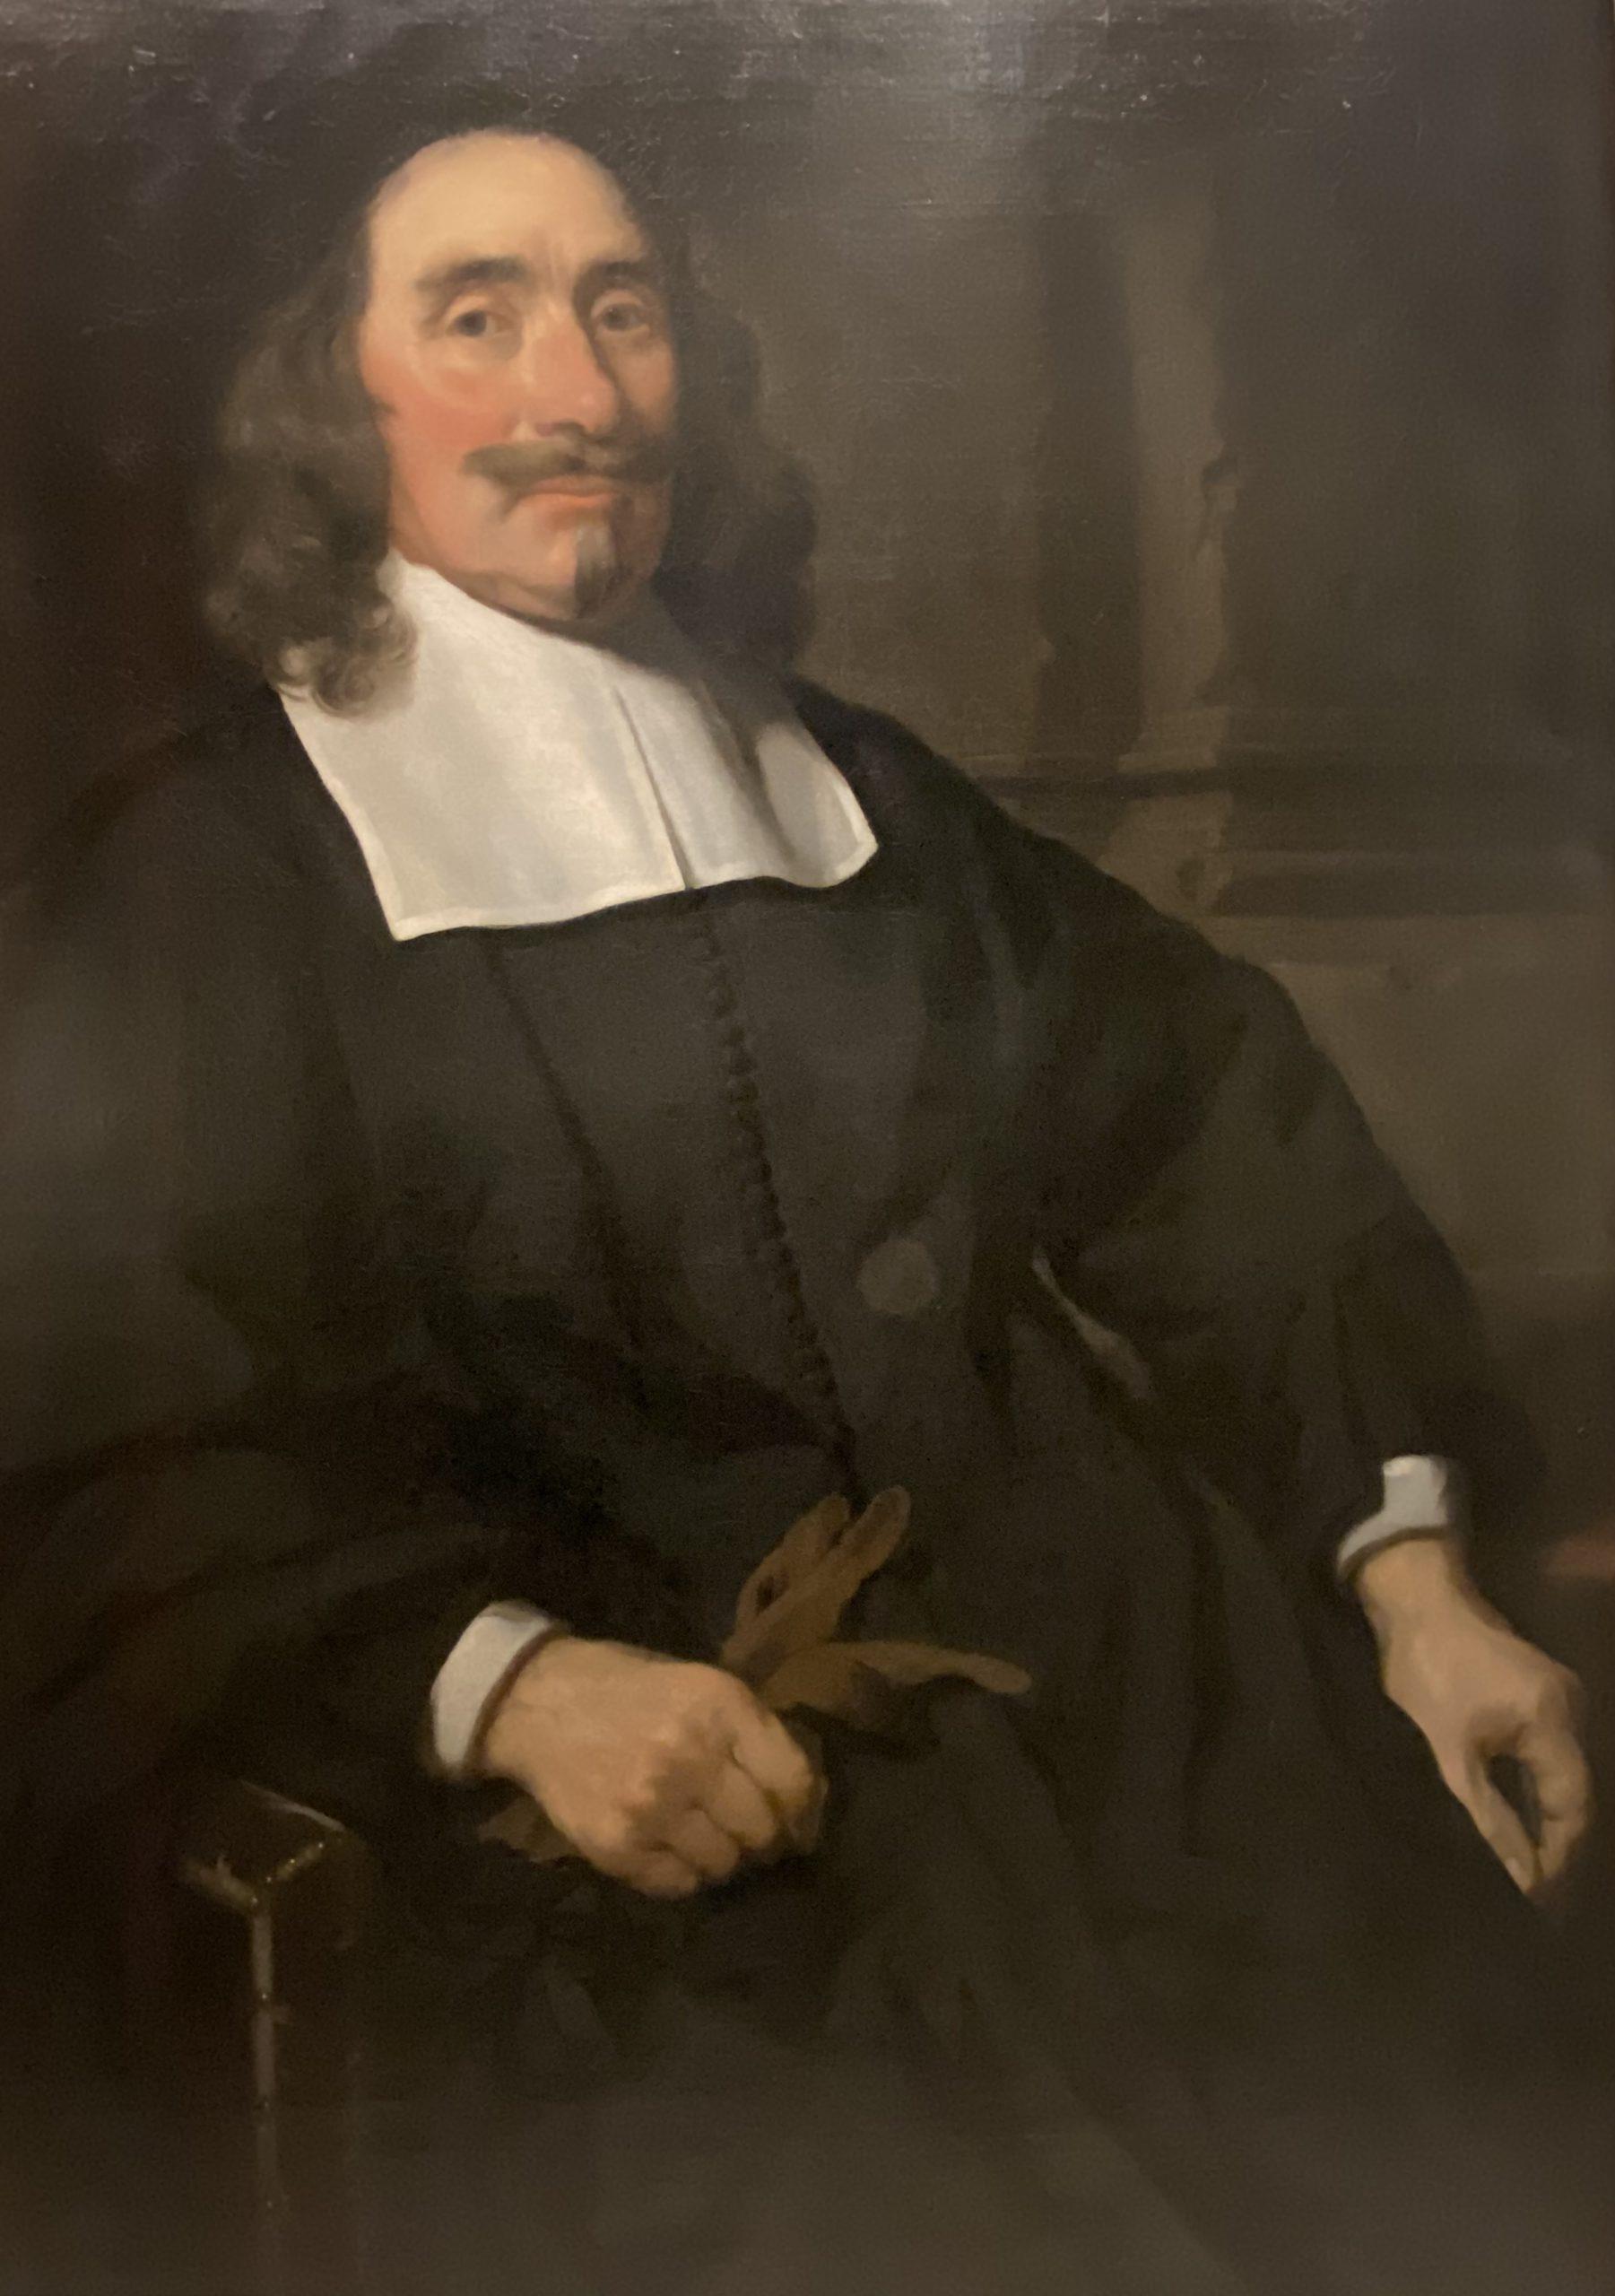 紳士肖像-ニコラース・マース-オランダ-特別展【光影浮空-欧州絵画500年】-成都博物館